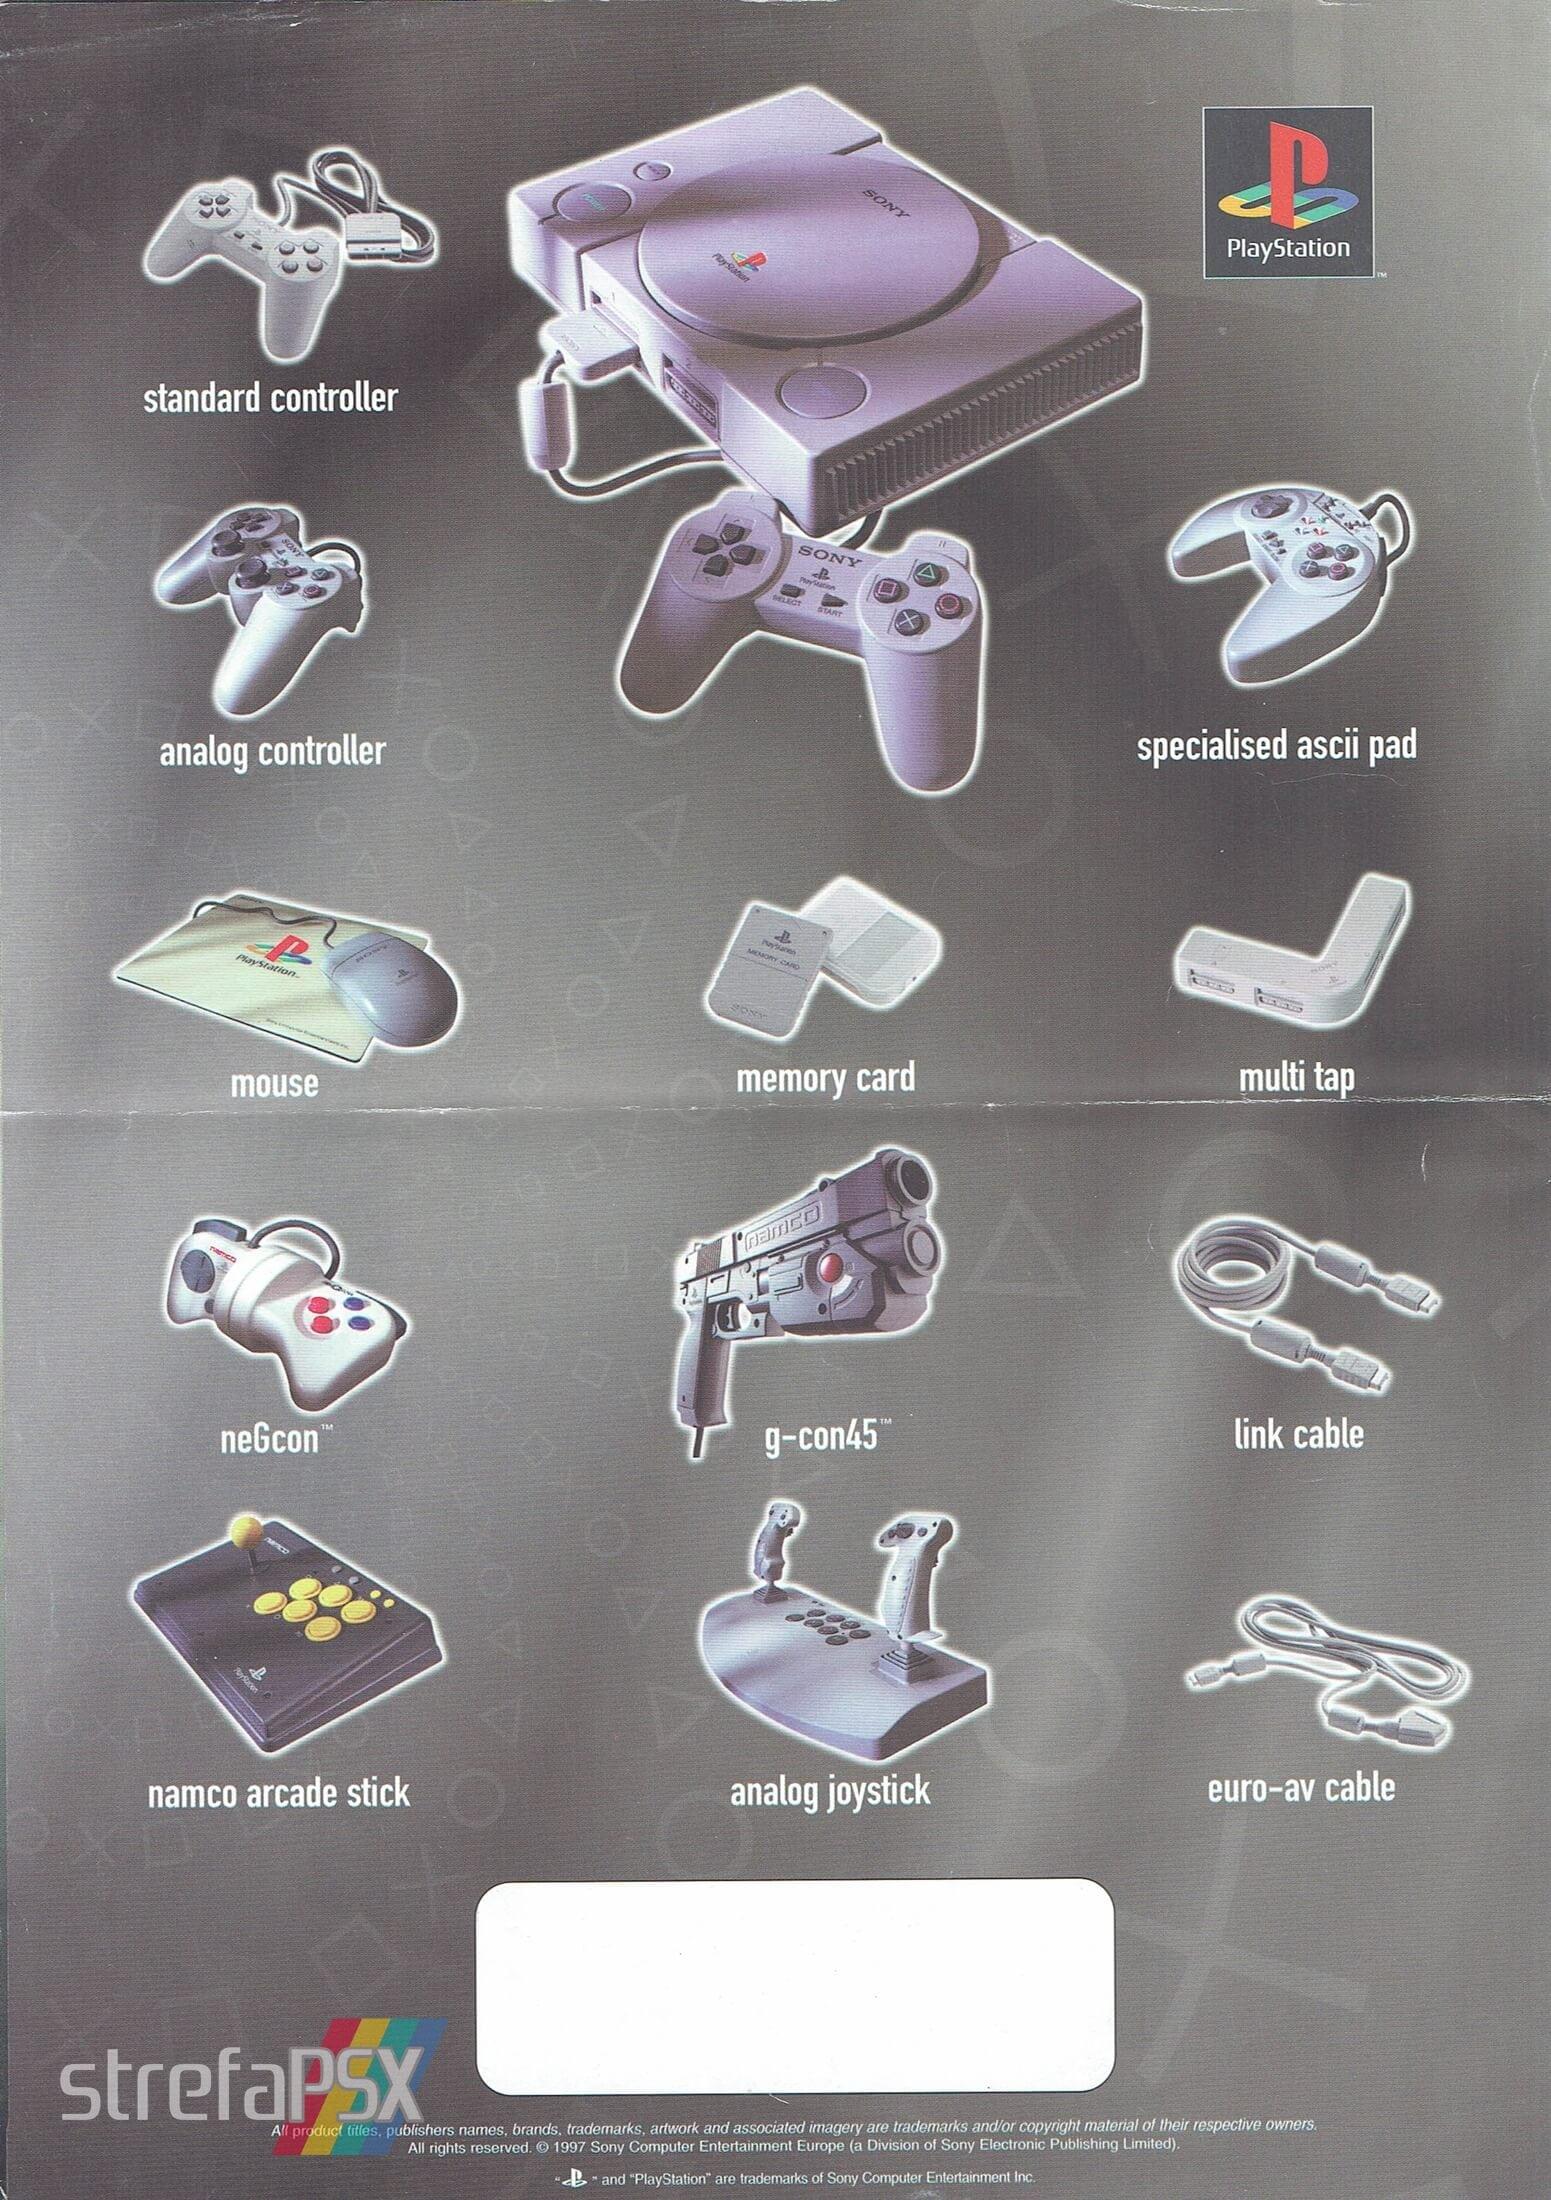 broszura reklamowa psx 18 - Broszury reklamowe PlayStation z dawnych lat